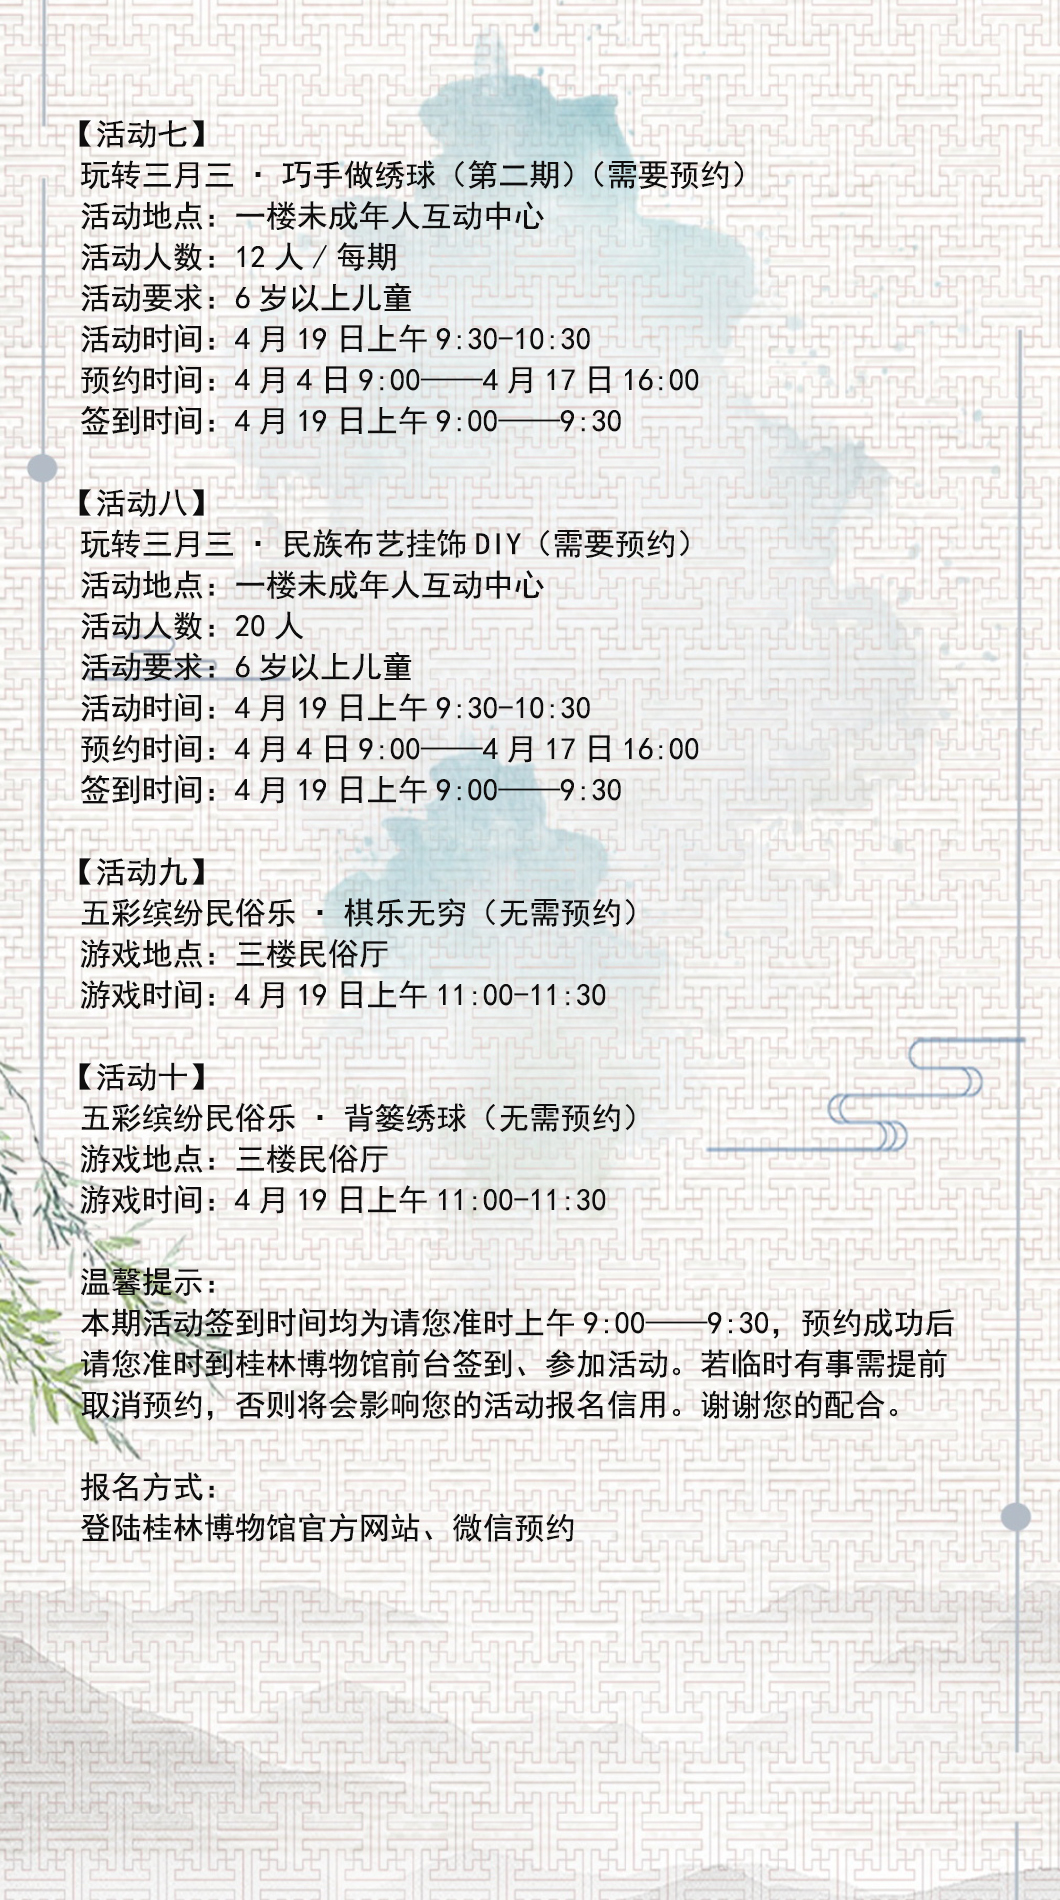 宣教活动玩转三月三预告2.jpg